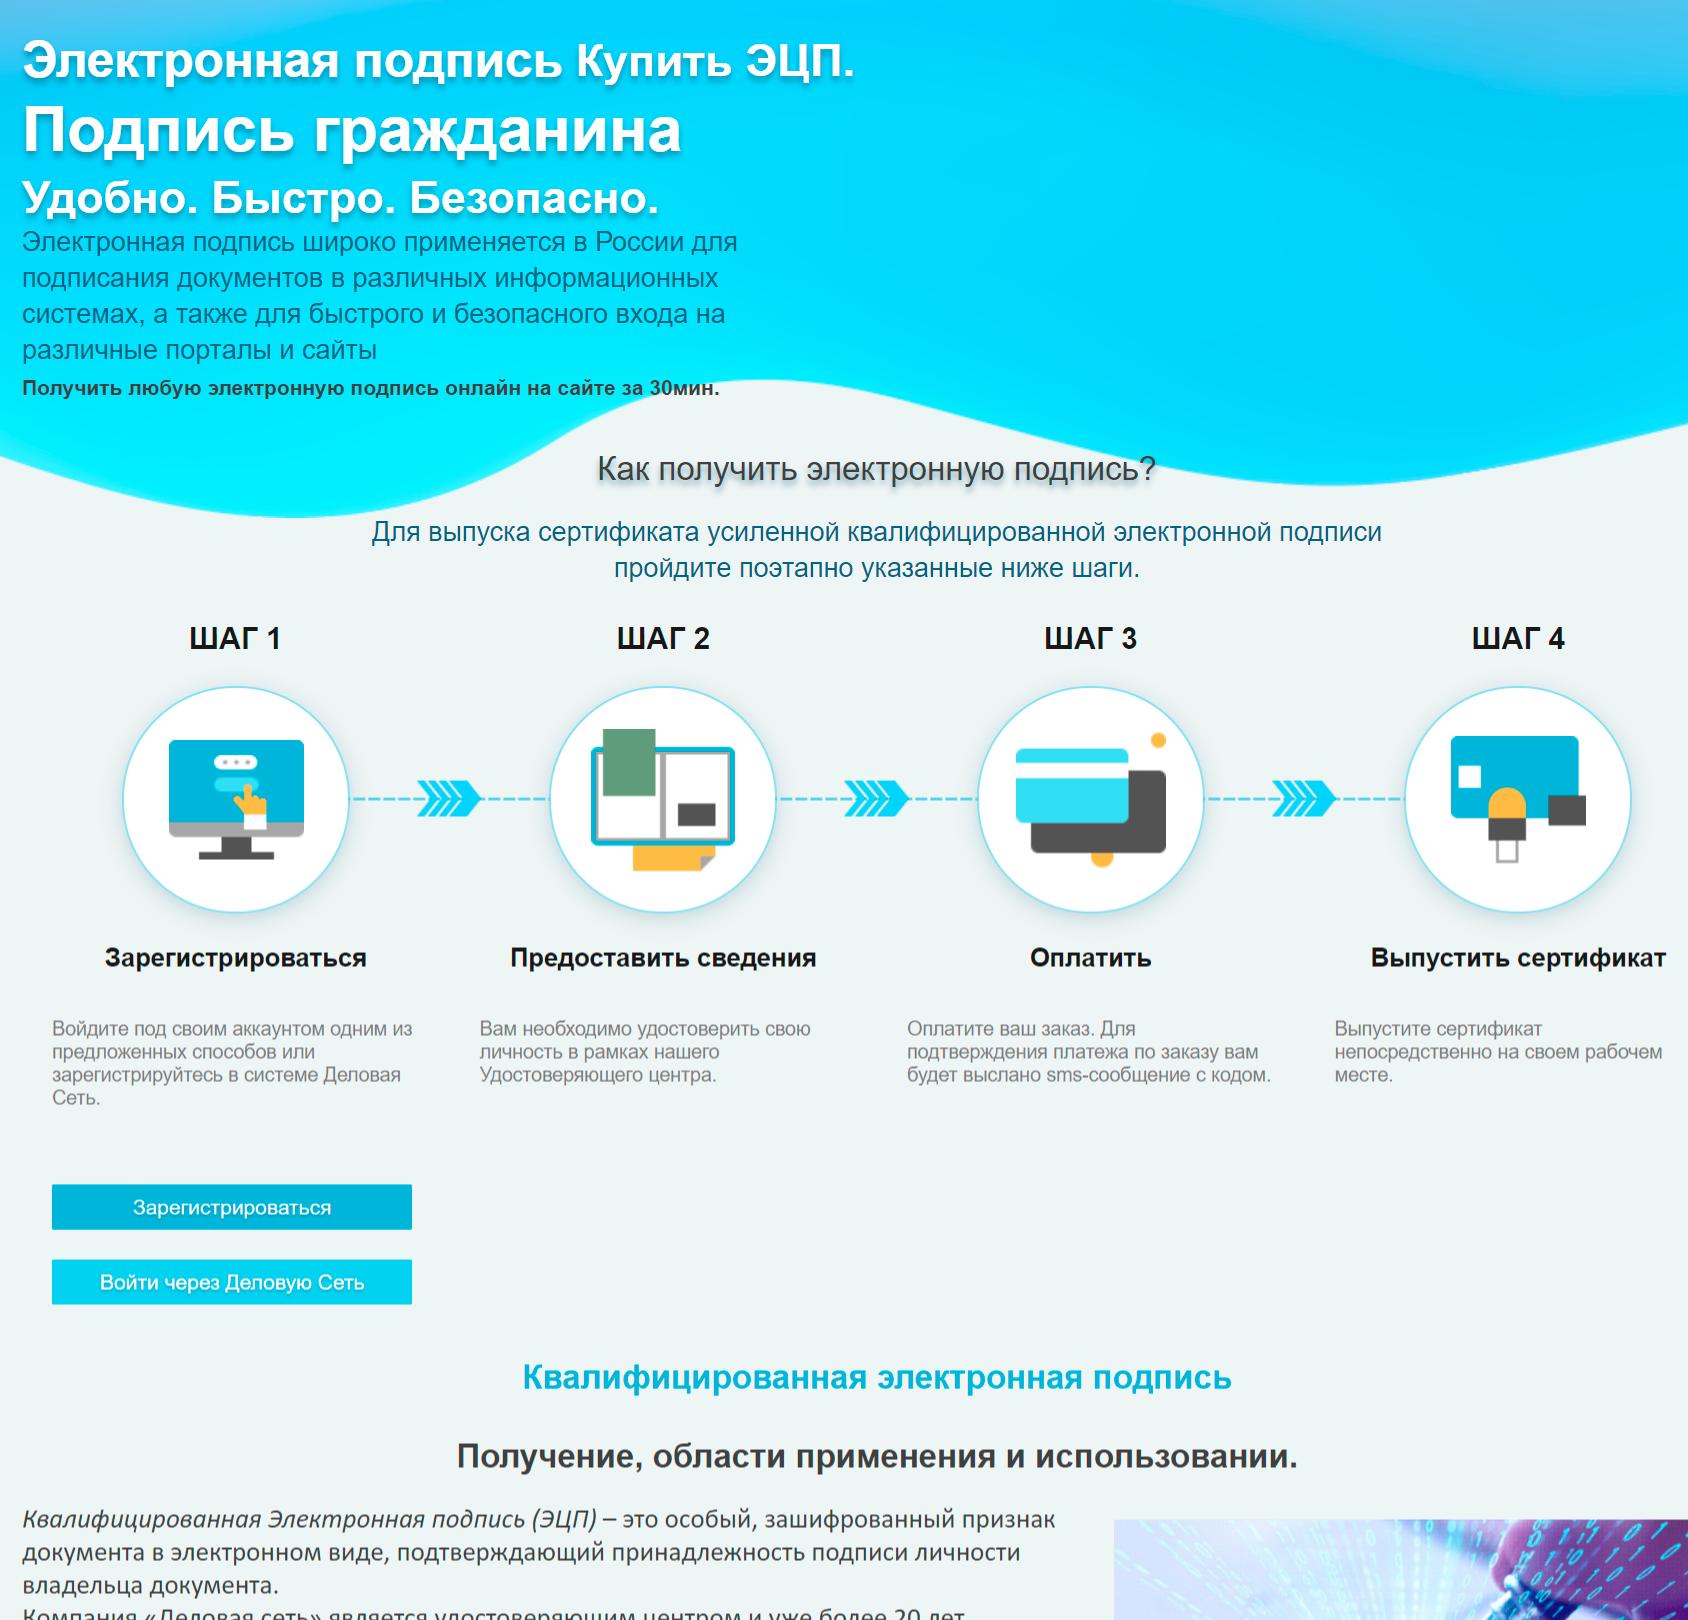 Мошенники переоформили квартиру в Москве с помощью поддельной цифровой подписи - 2